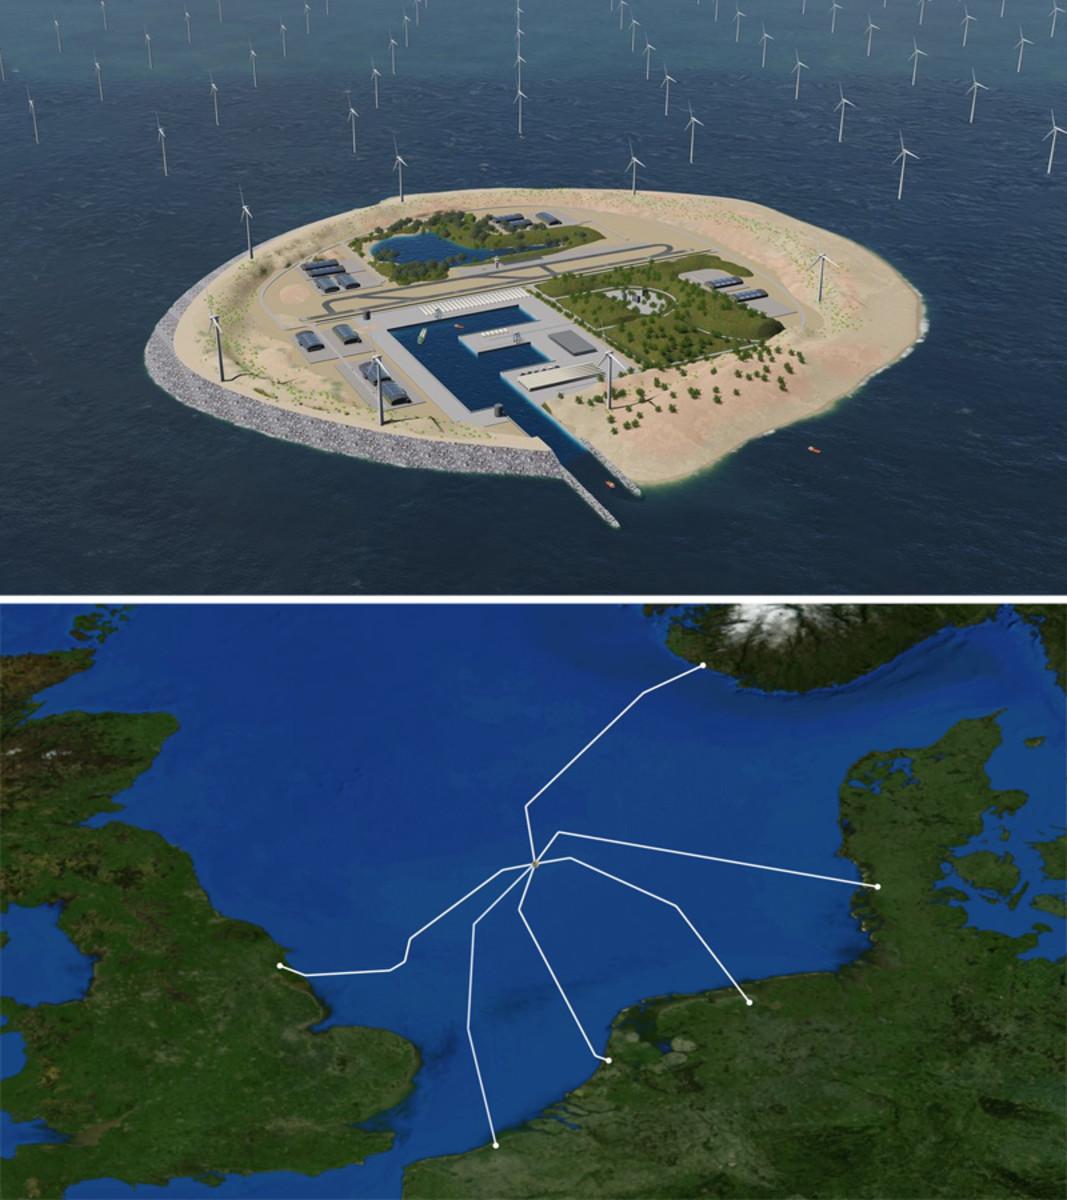 Future plans for massive wind farm project